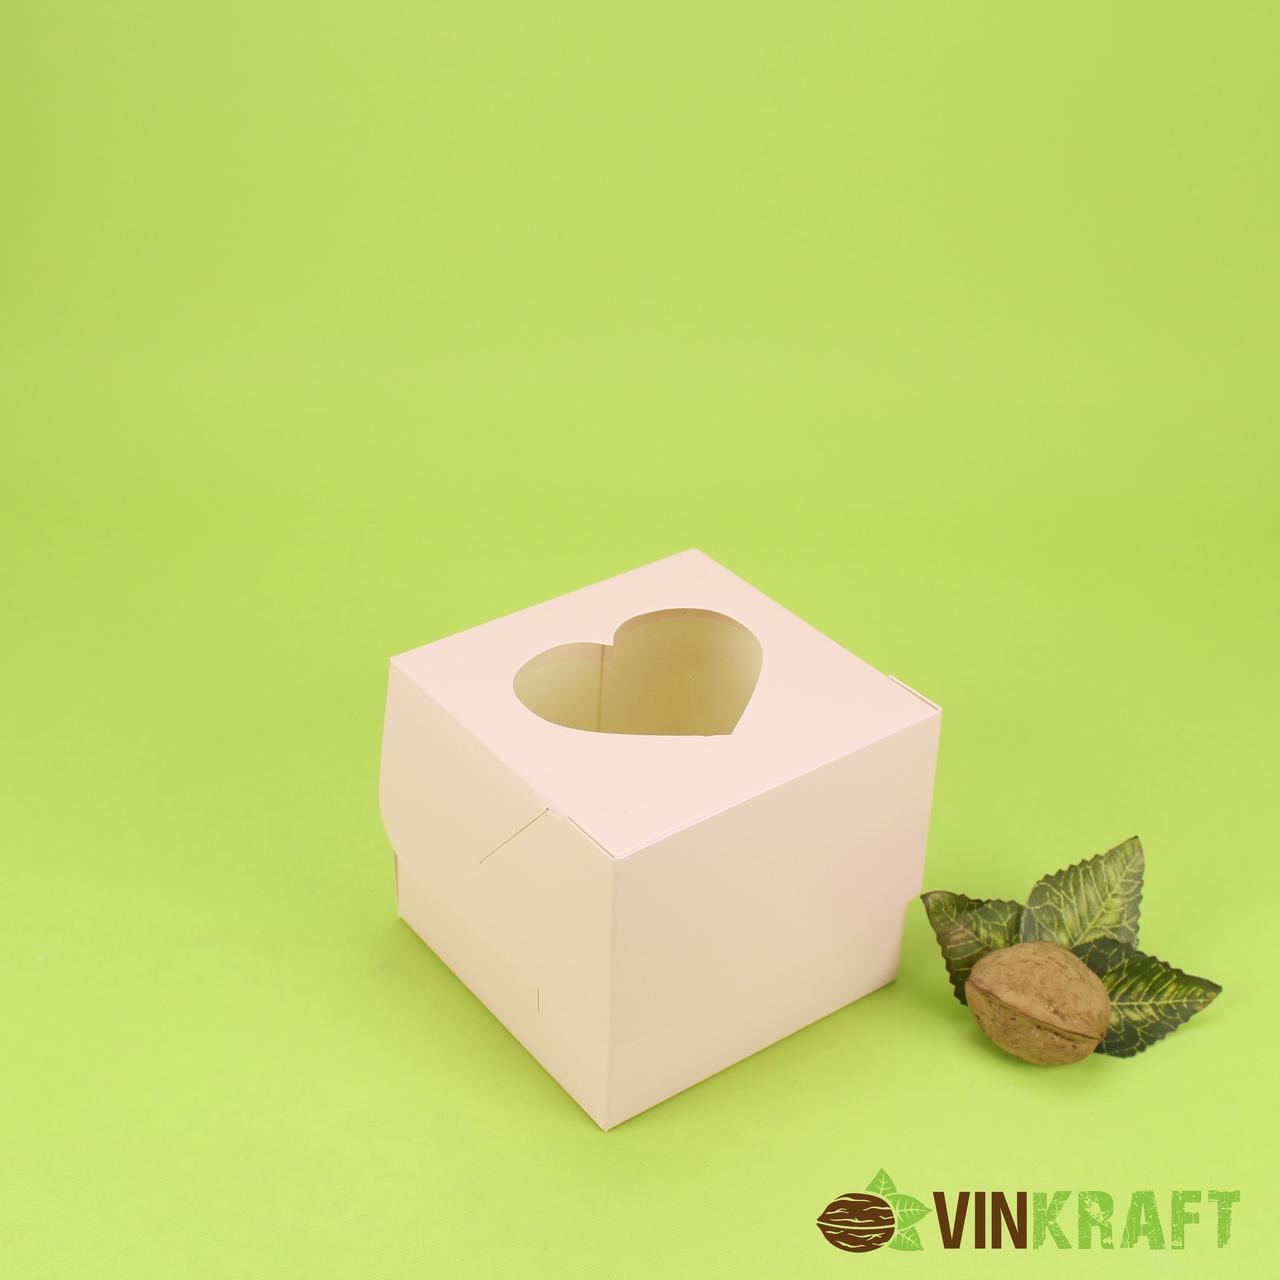 Коробка 100*100*90 для капкейків з вікном у формі сердця (1 шт), пудра